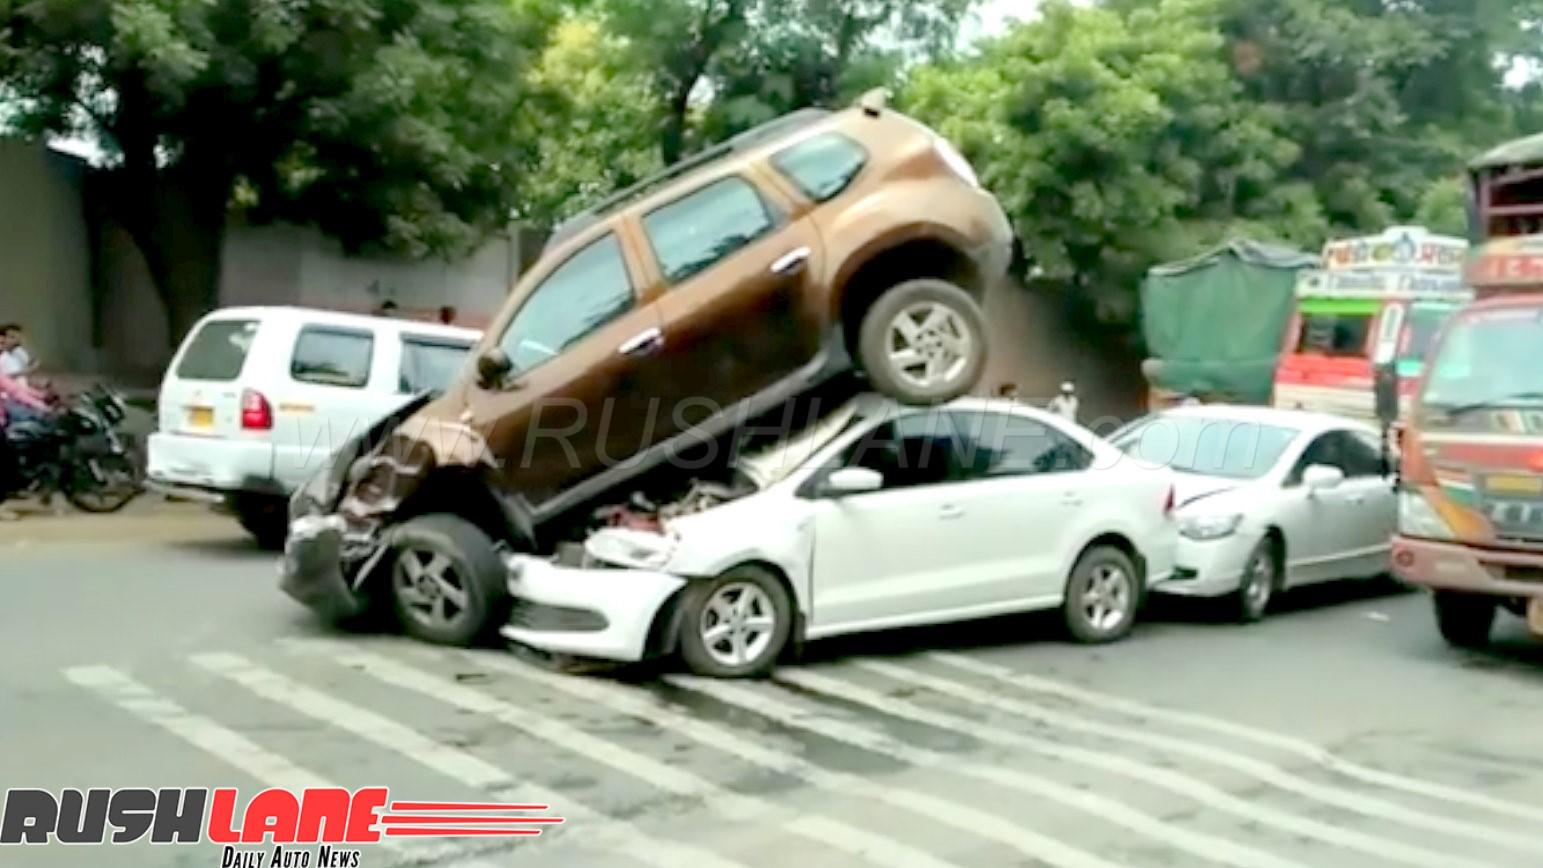 Accident victim compensation